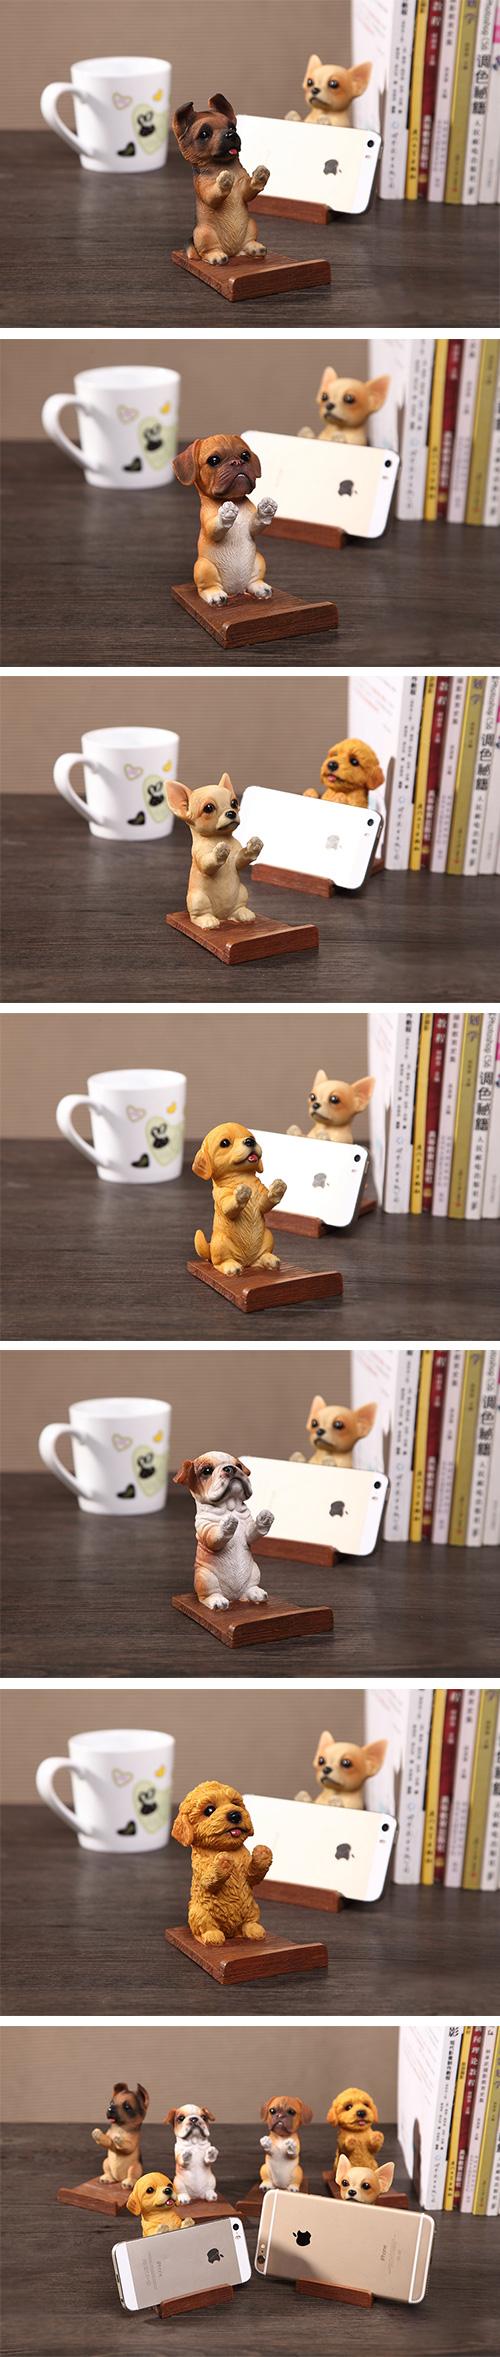 【4/1~5/9母親節9折優惠】創意小物館 萌寵手機座狗狗系列 貴賓狗